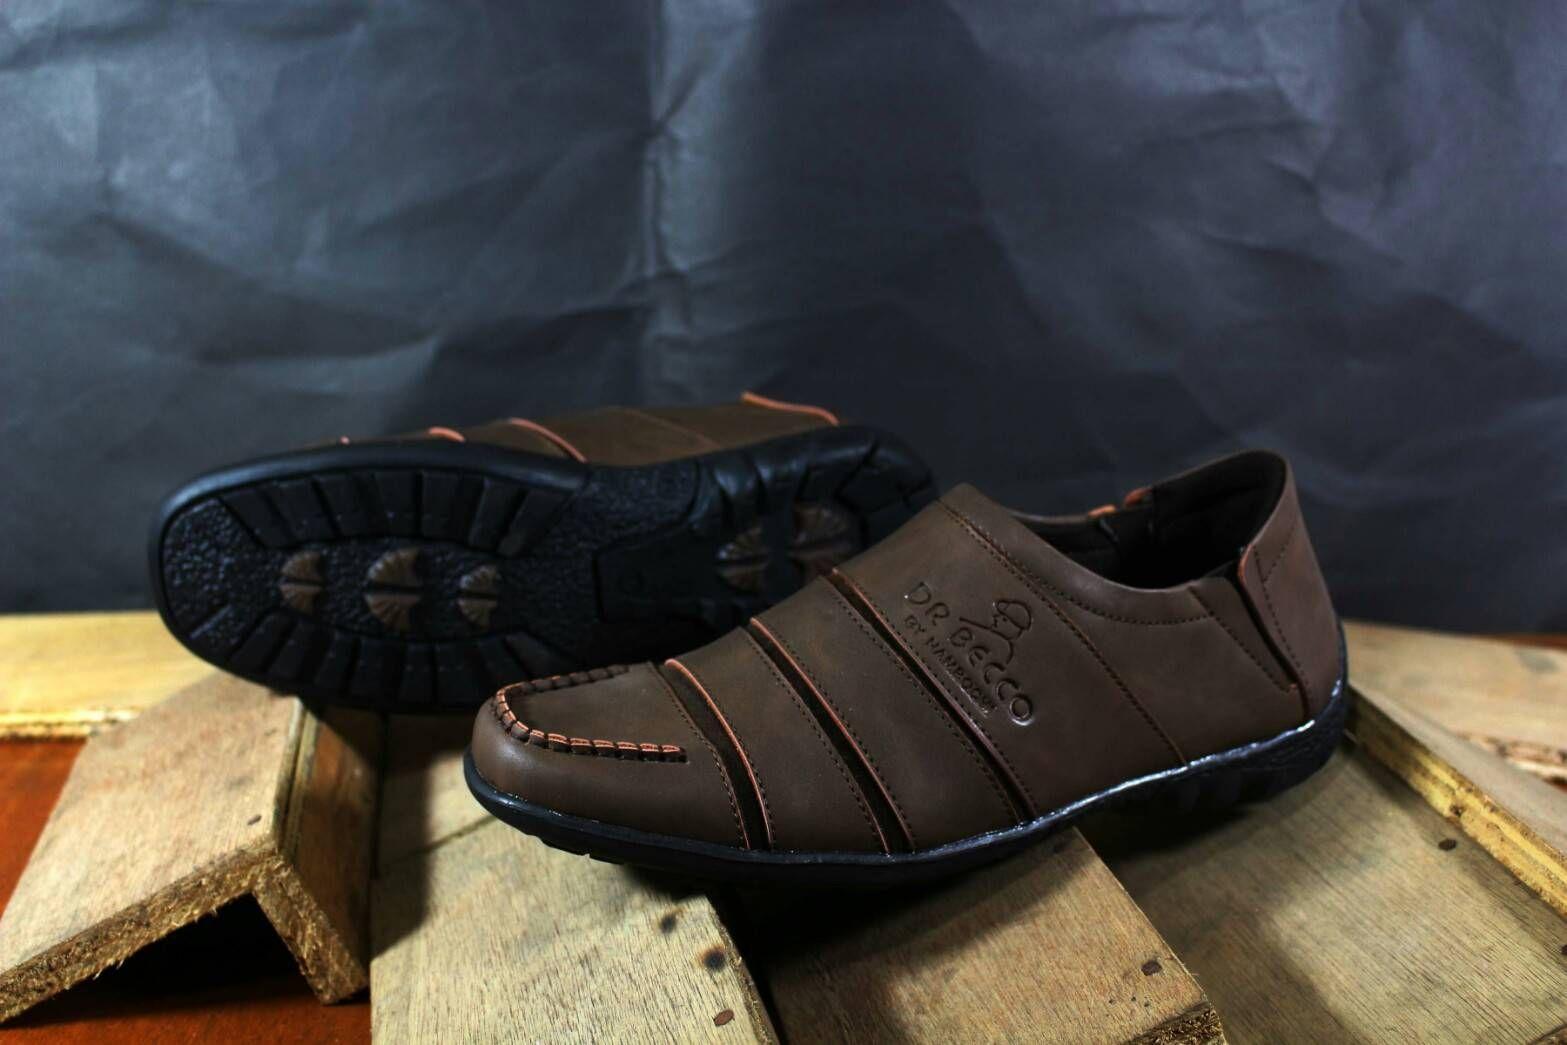 Sepatu Dr Becco Gaya Pria Kasual Trendi Terkini Boots Slipon Pantofel Vans Sintesis Coklat tua